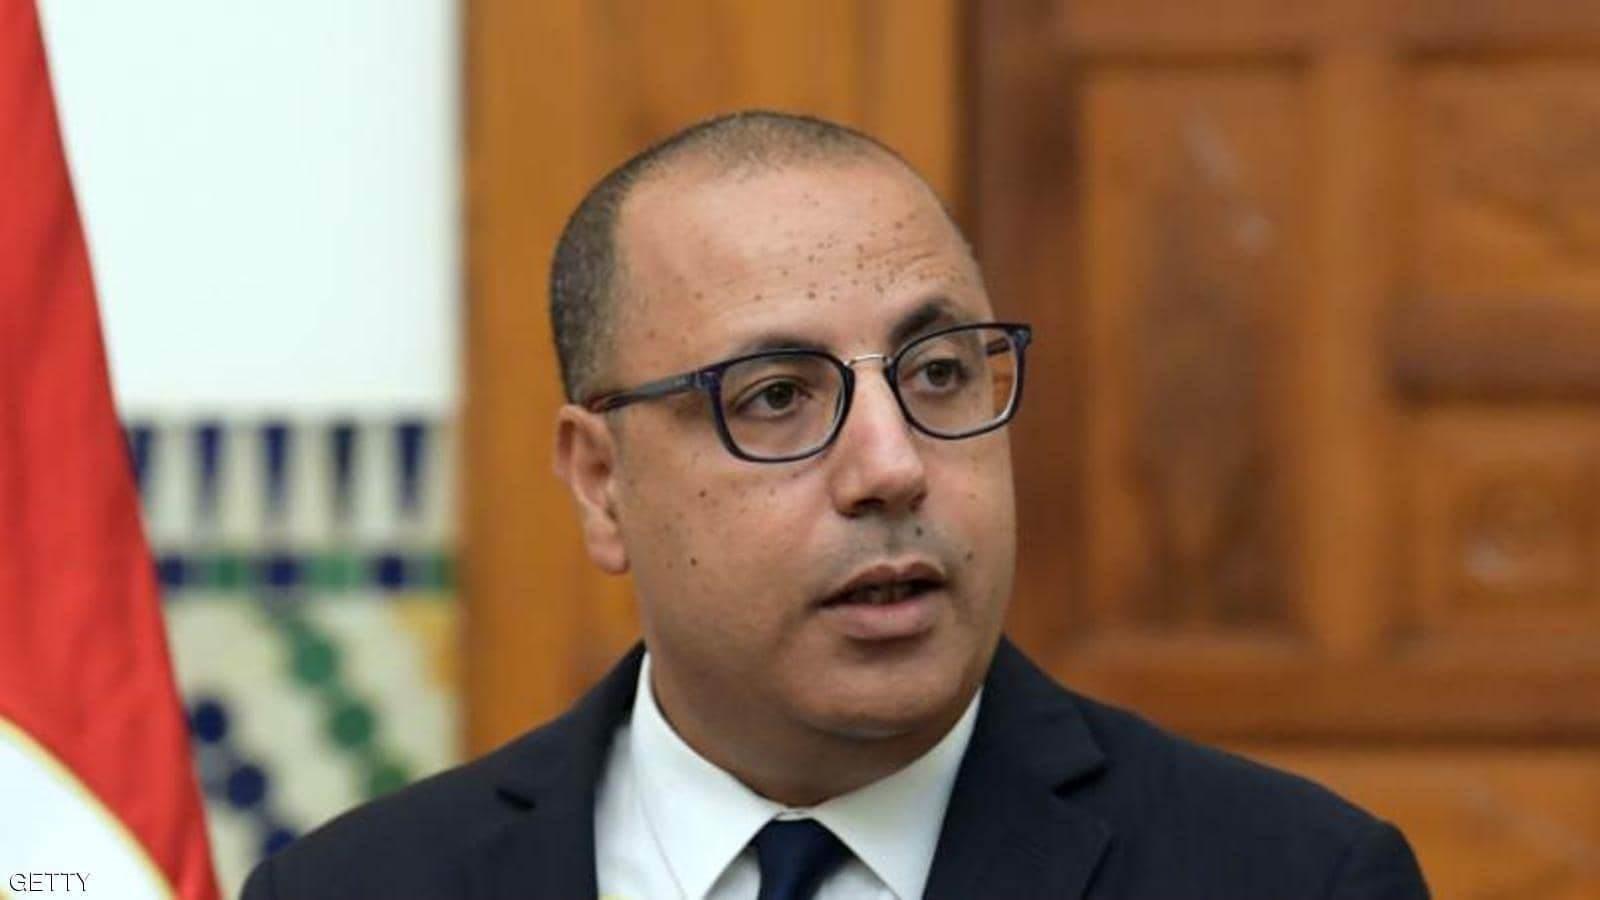 البرلمان التونسي يقرّ تعديلات المشيشي الوزراية رغم رفض سعيّد لها